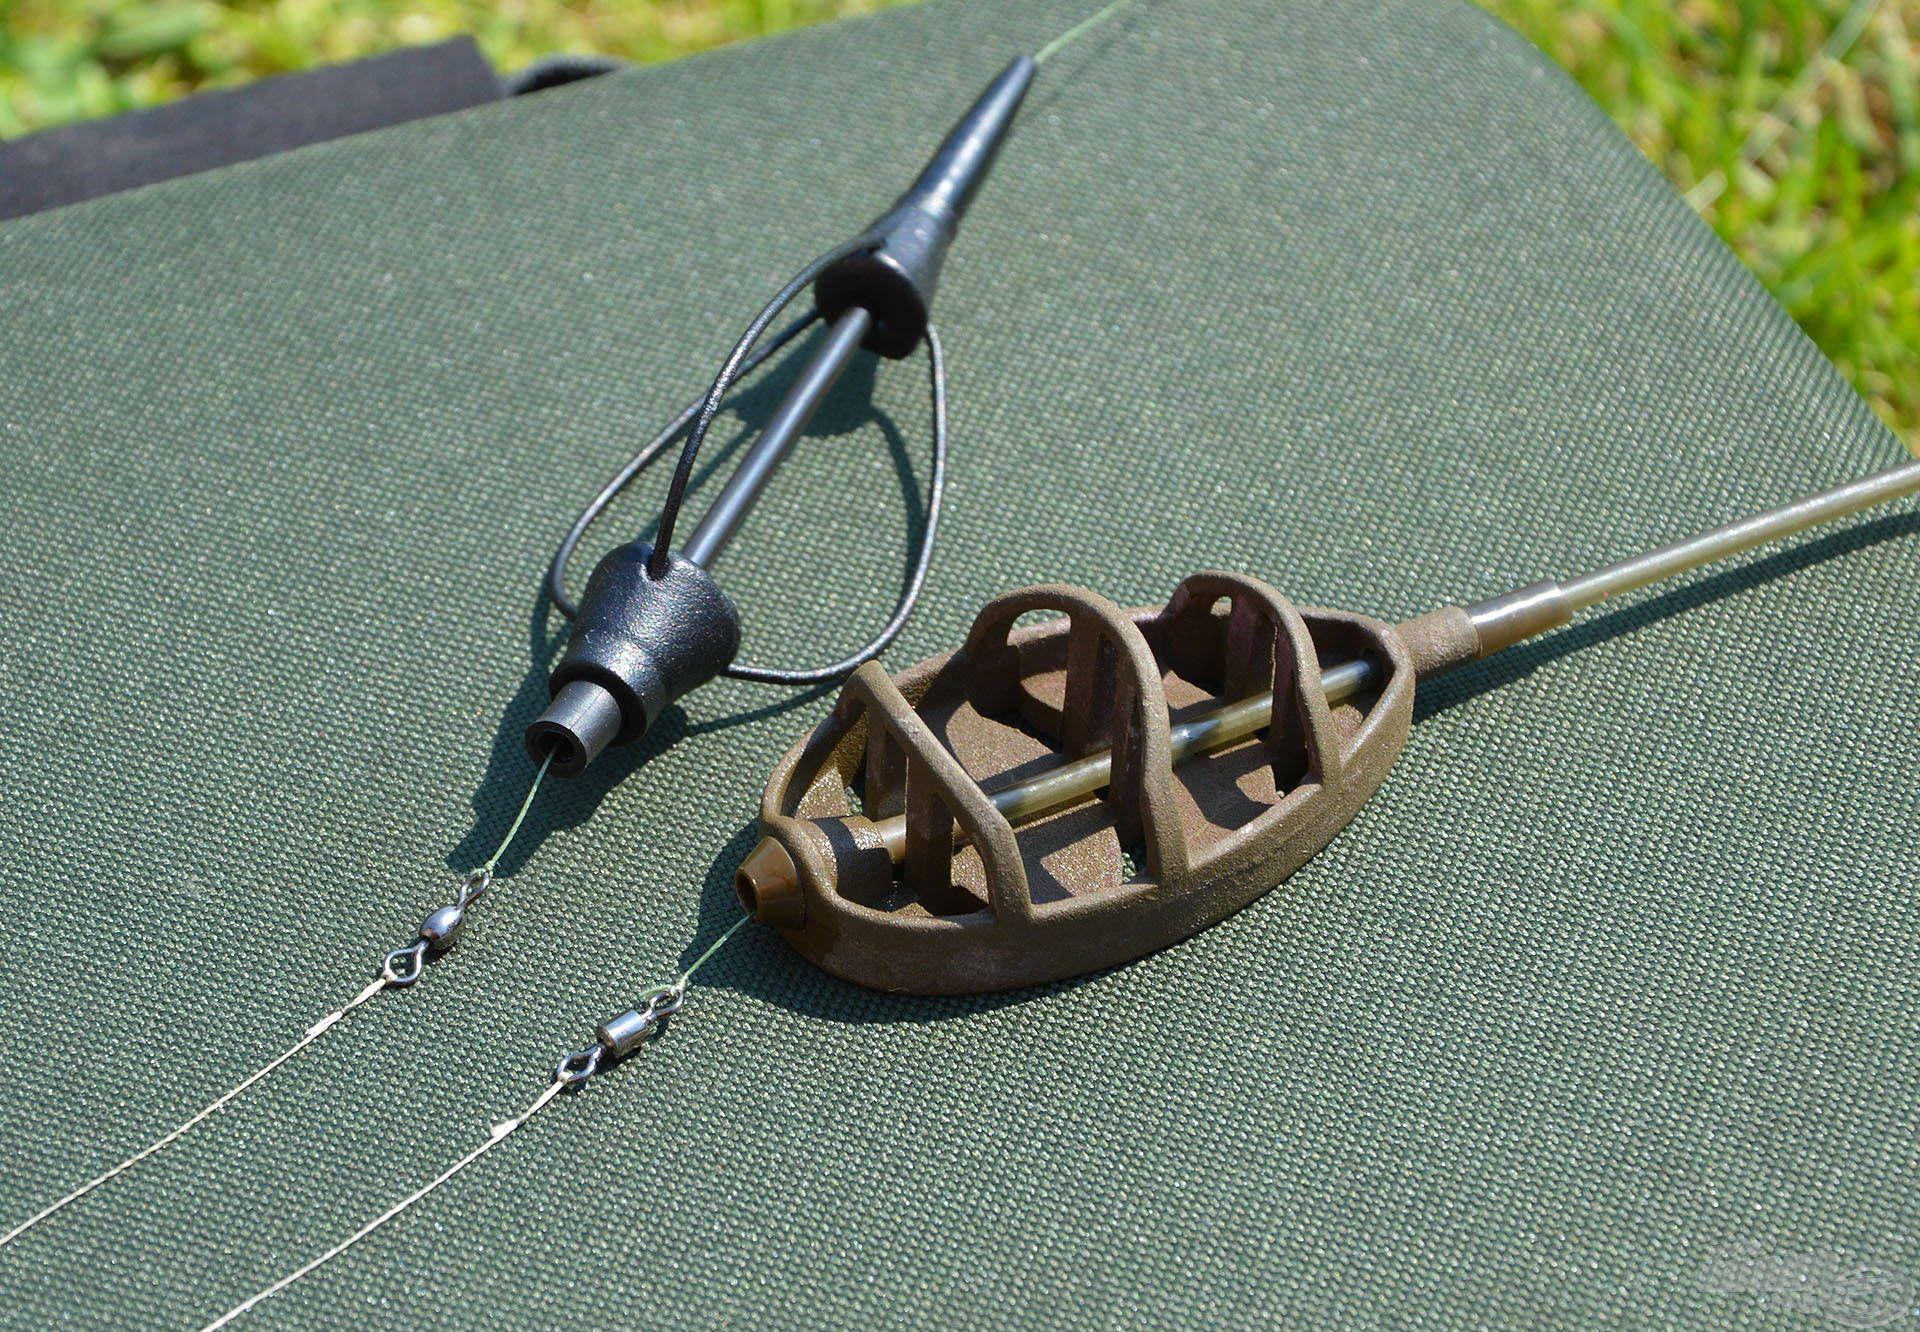 A két végszerelékben az a közös, hogy mindkettőt egyetlen kötéssel el lehet készíteni. Ezeknél egyszerűbbet nehéz találni!